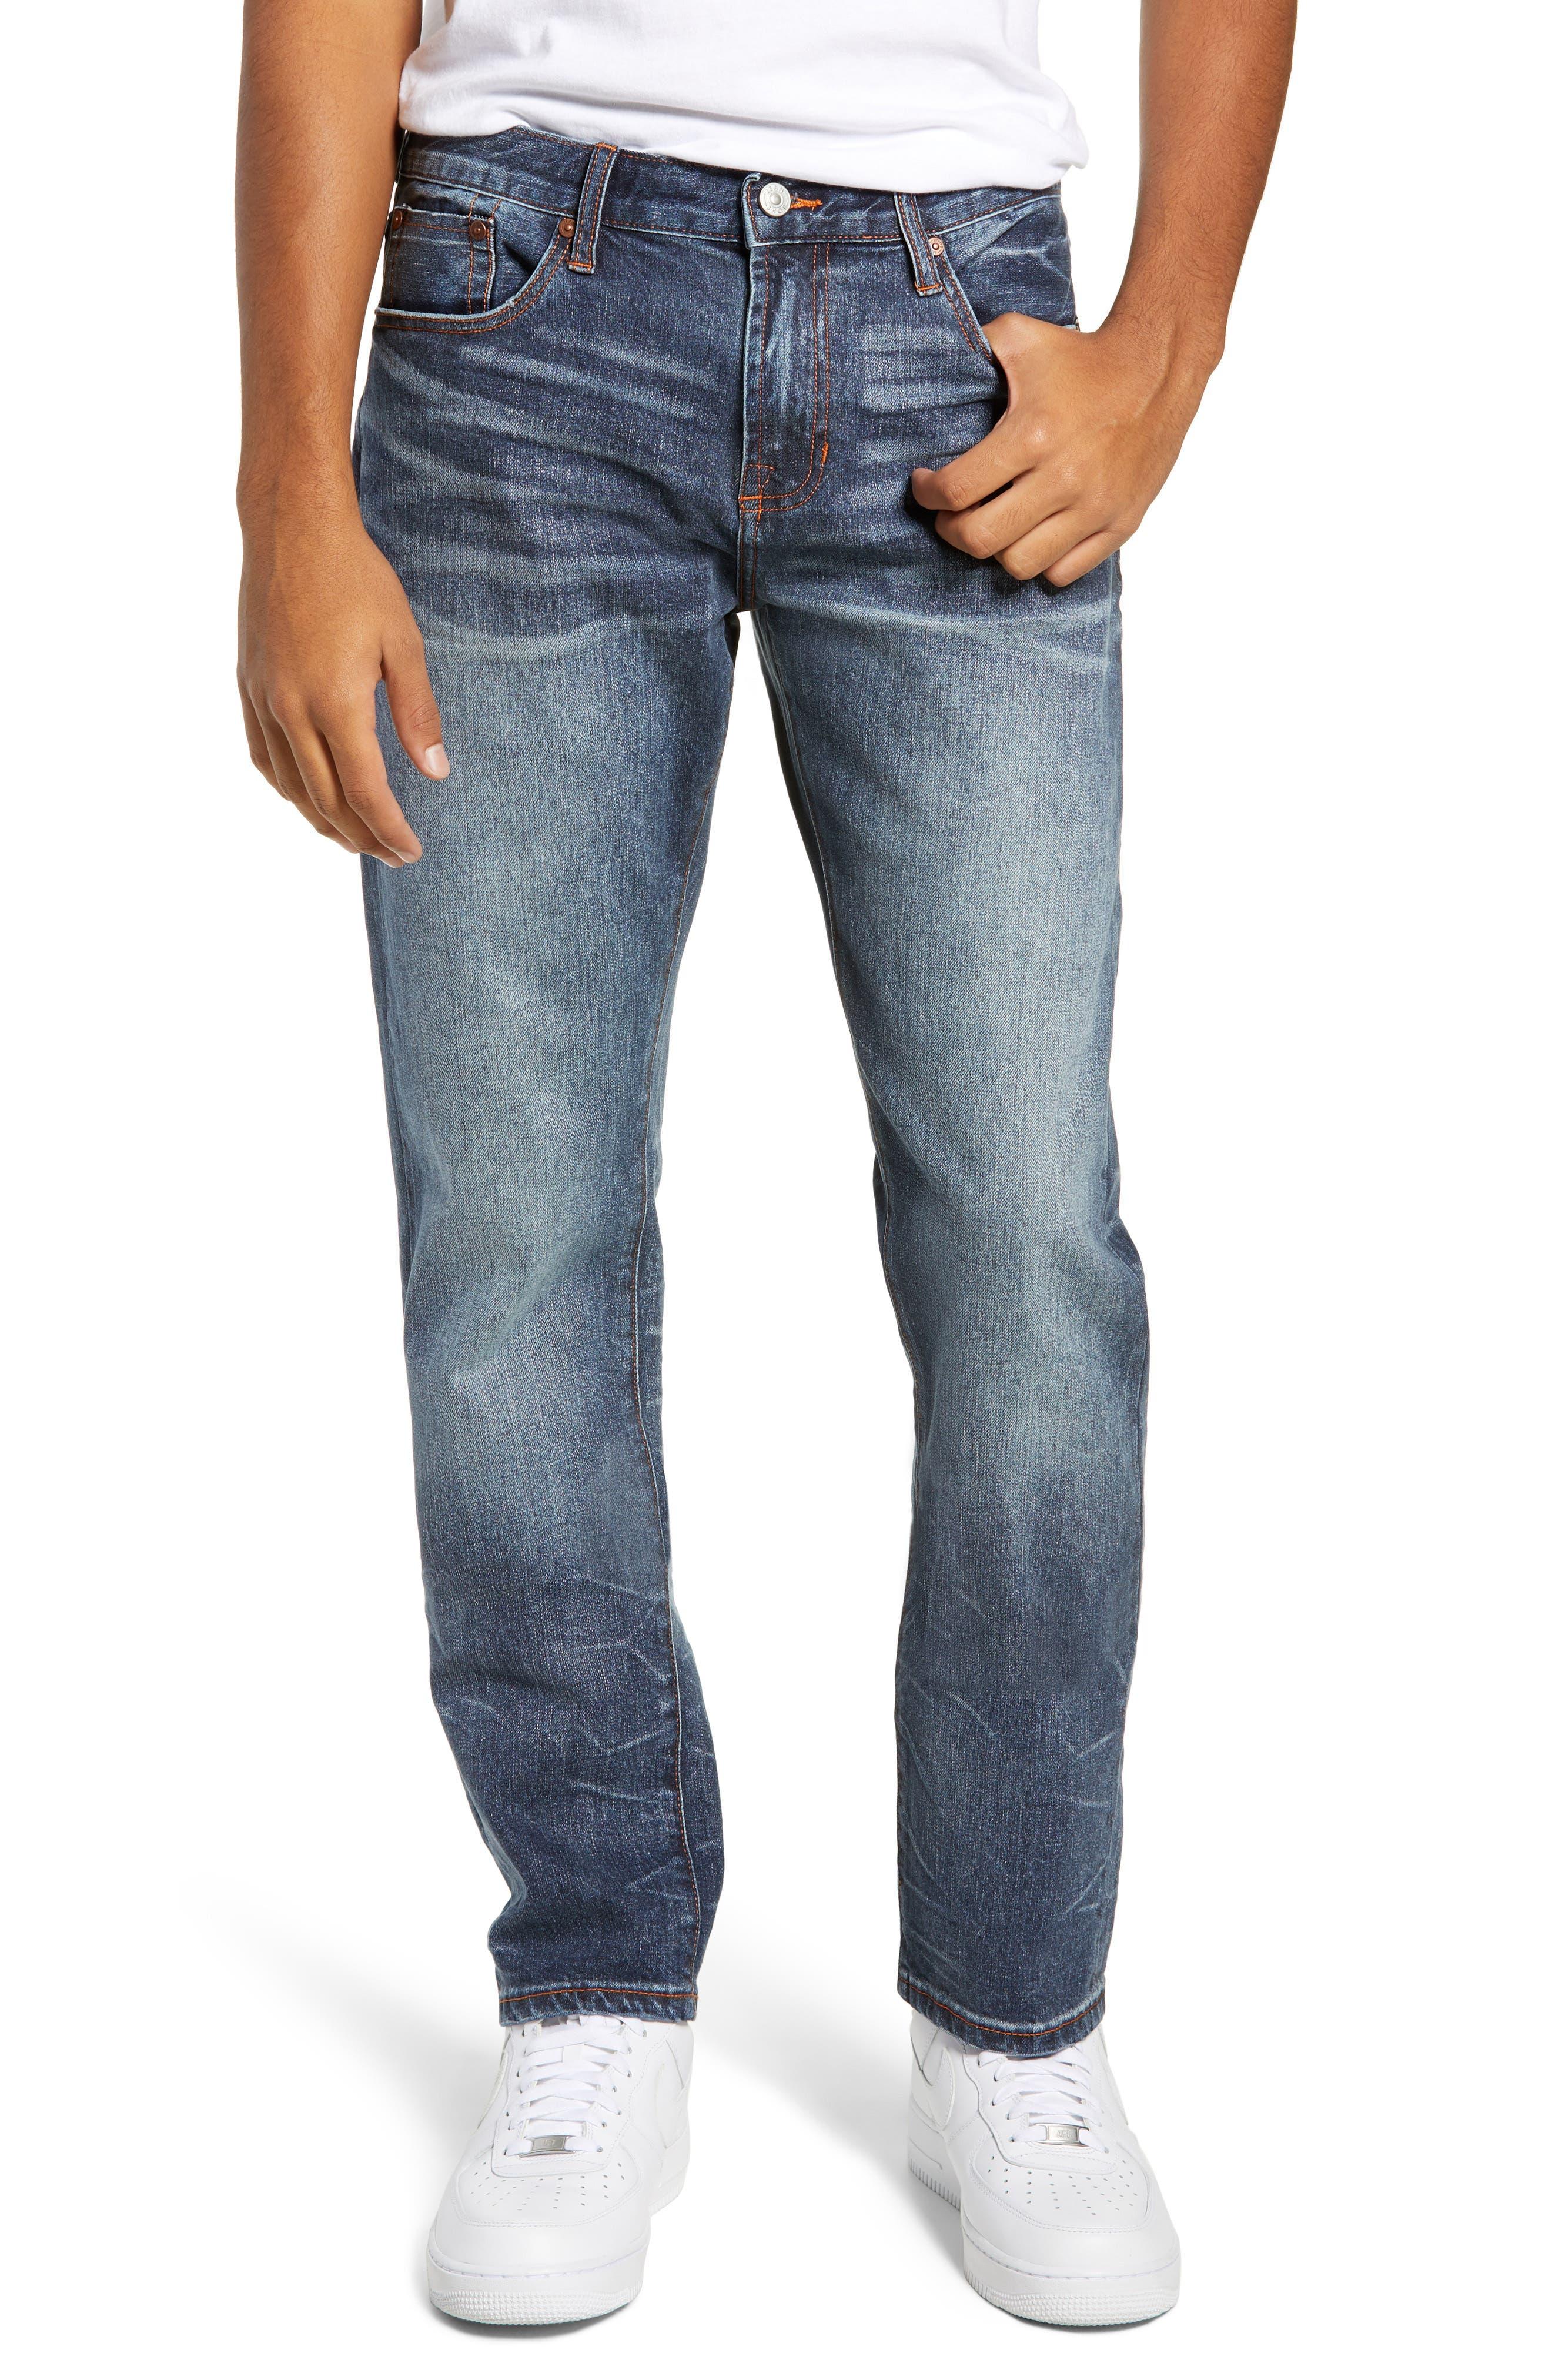 JEAN SHOP Mick Slim Fit Jeans in Lafayette